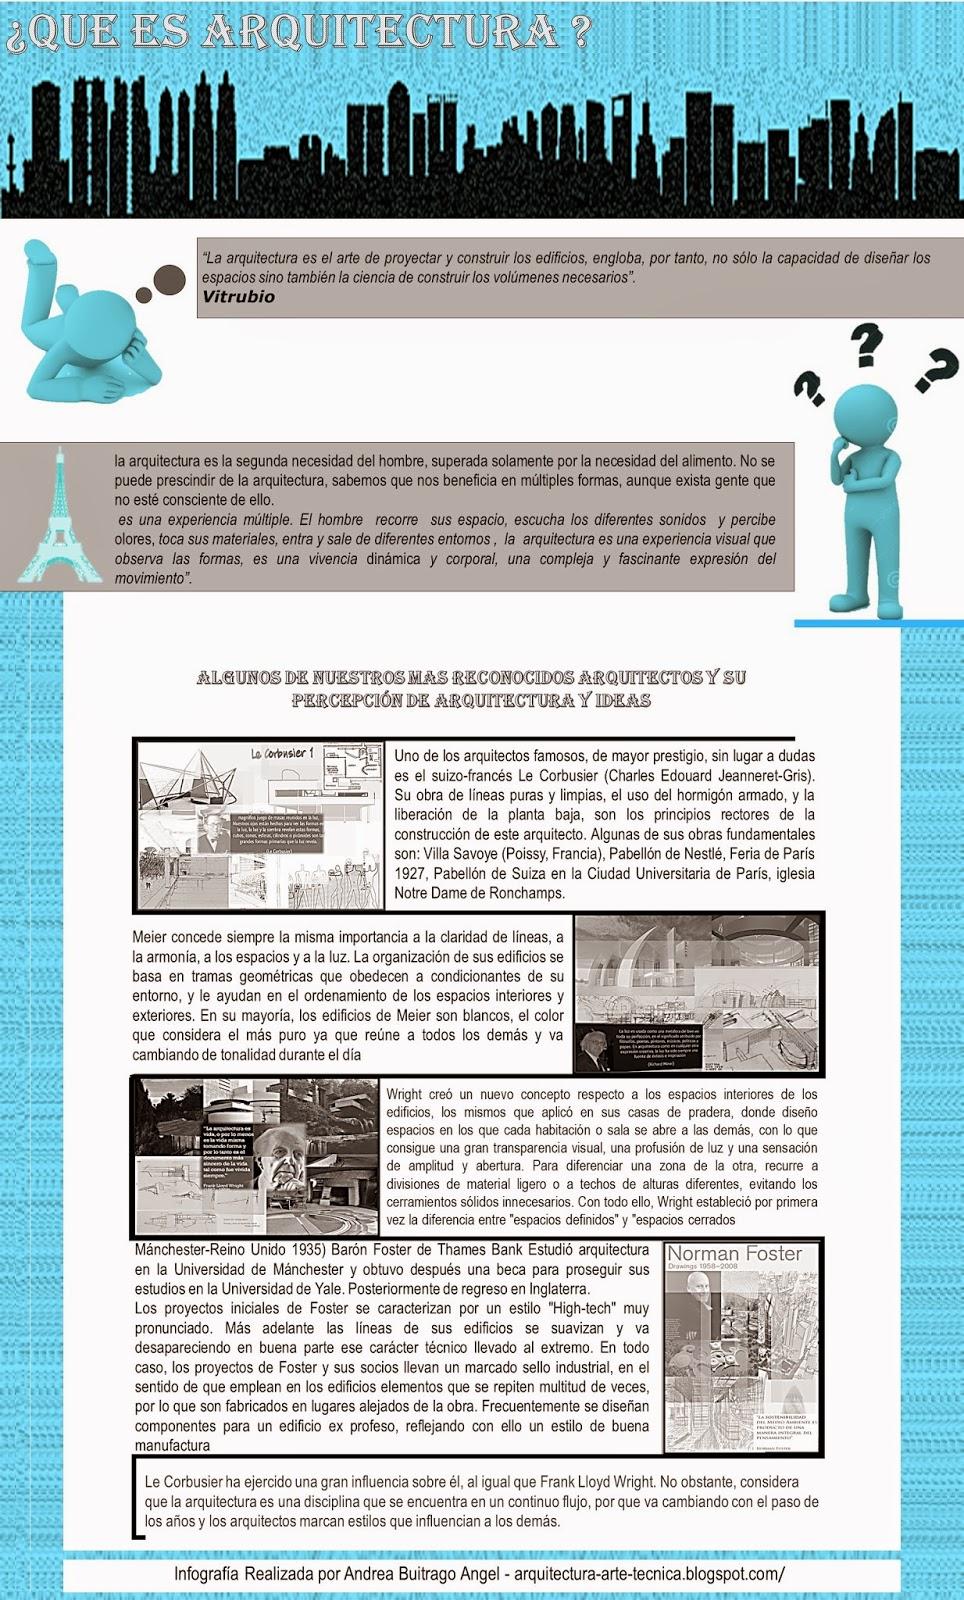 Infografia de arquitectura andrea buitrago angel for Infografia arquitectura